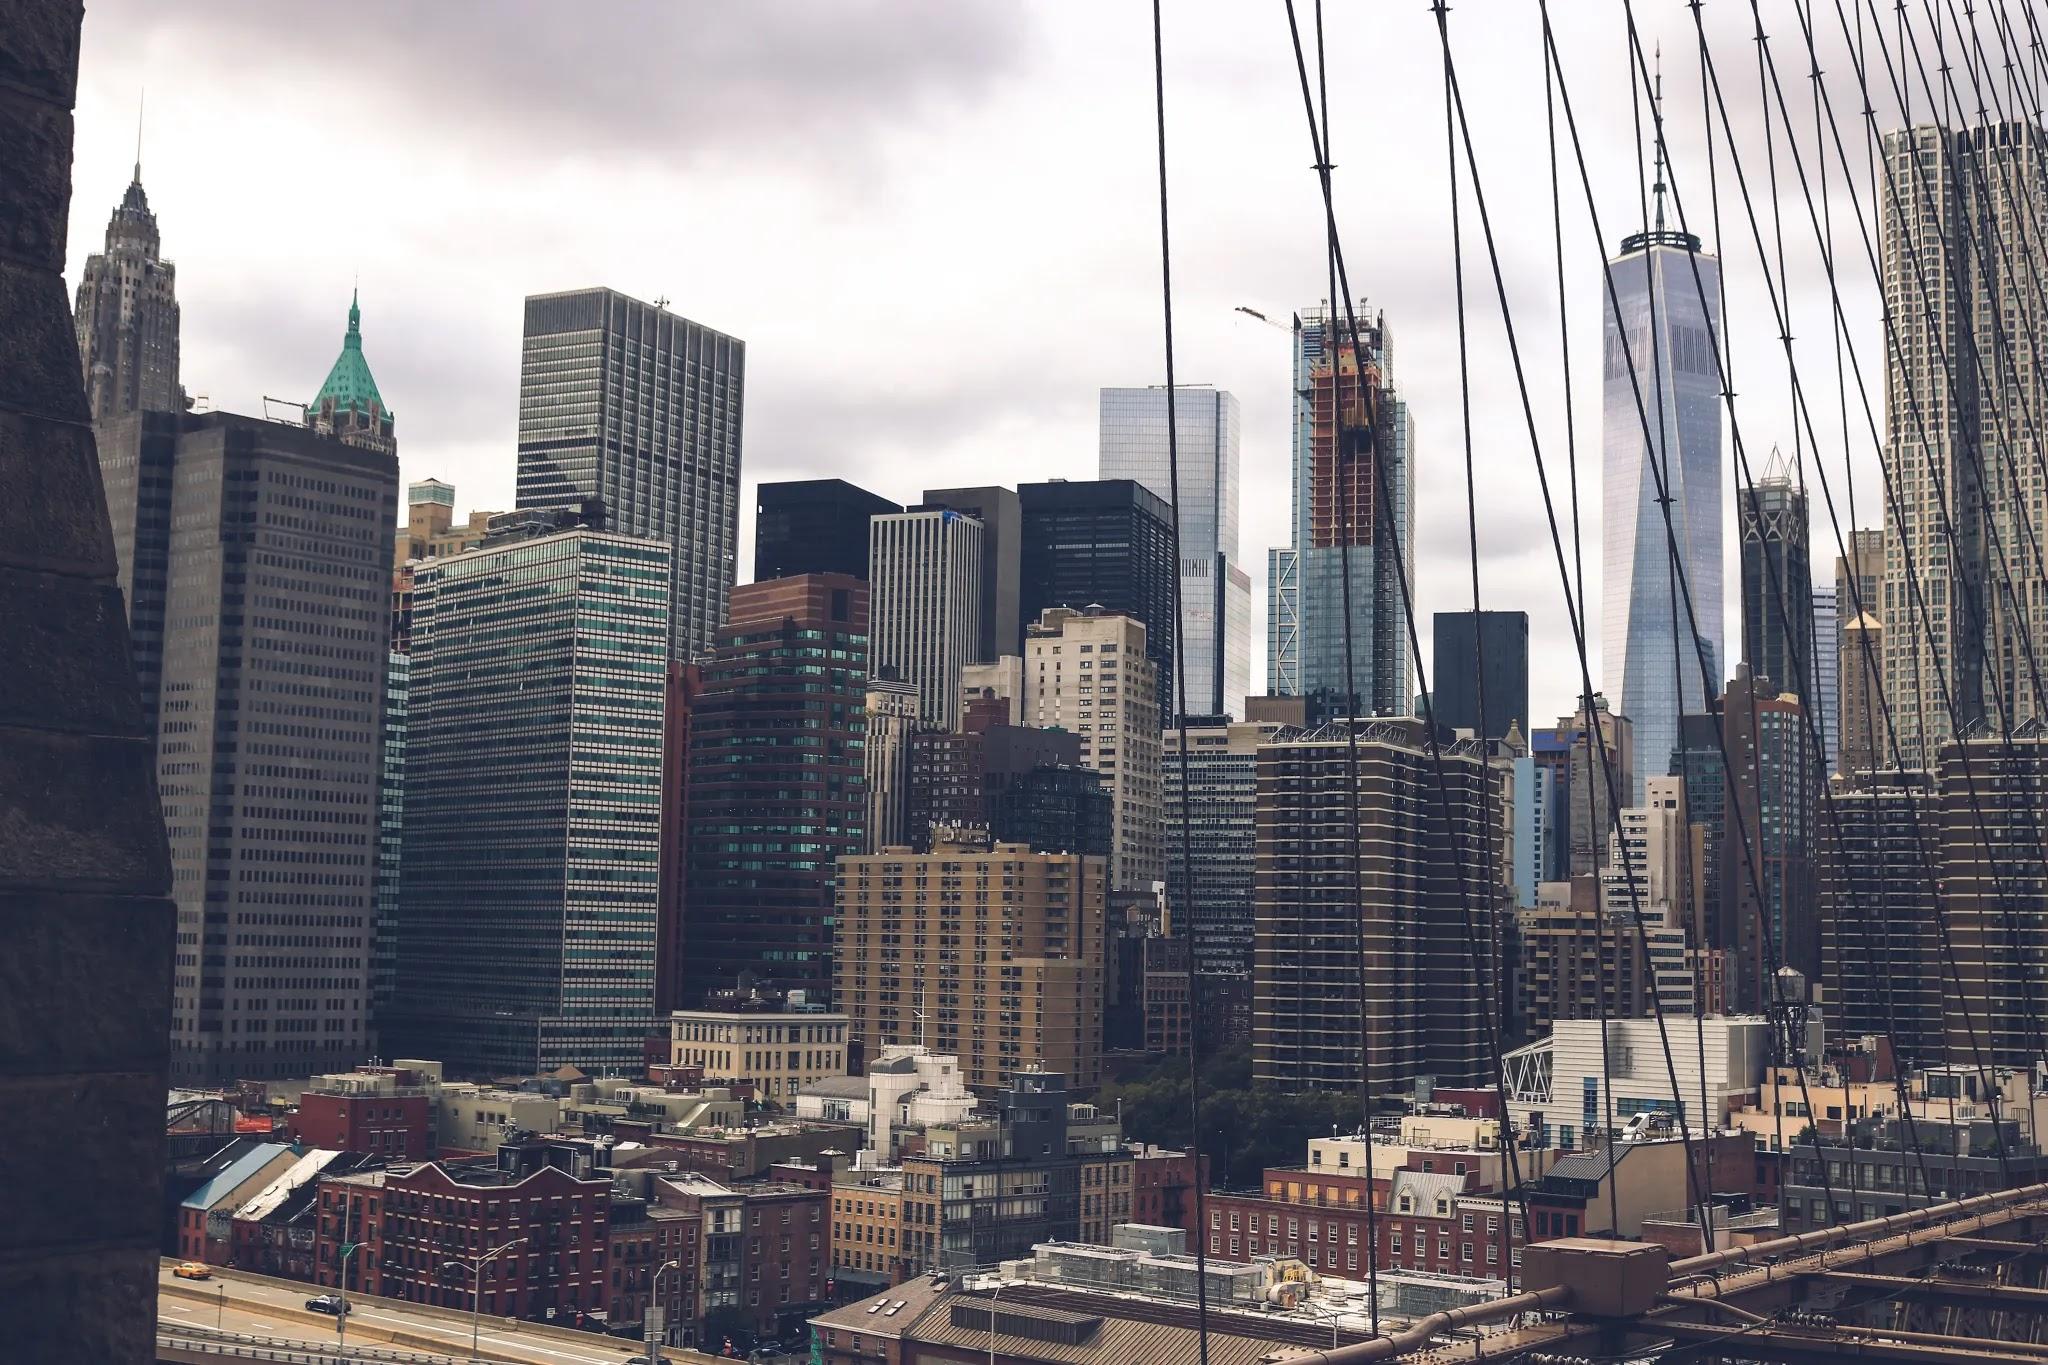 Die Zukunft der Stadt | New York Manhattan Hudson Yards